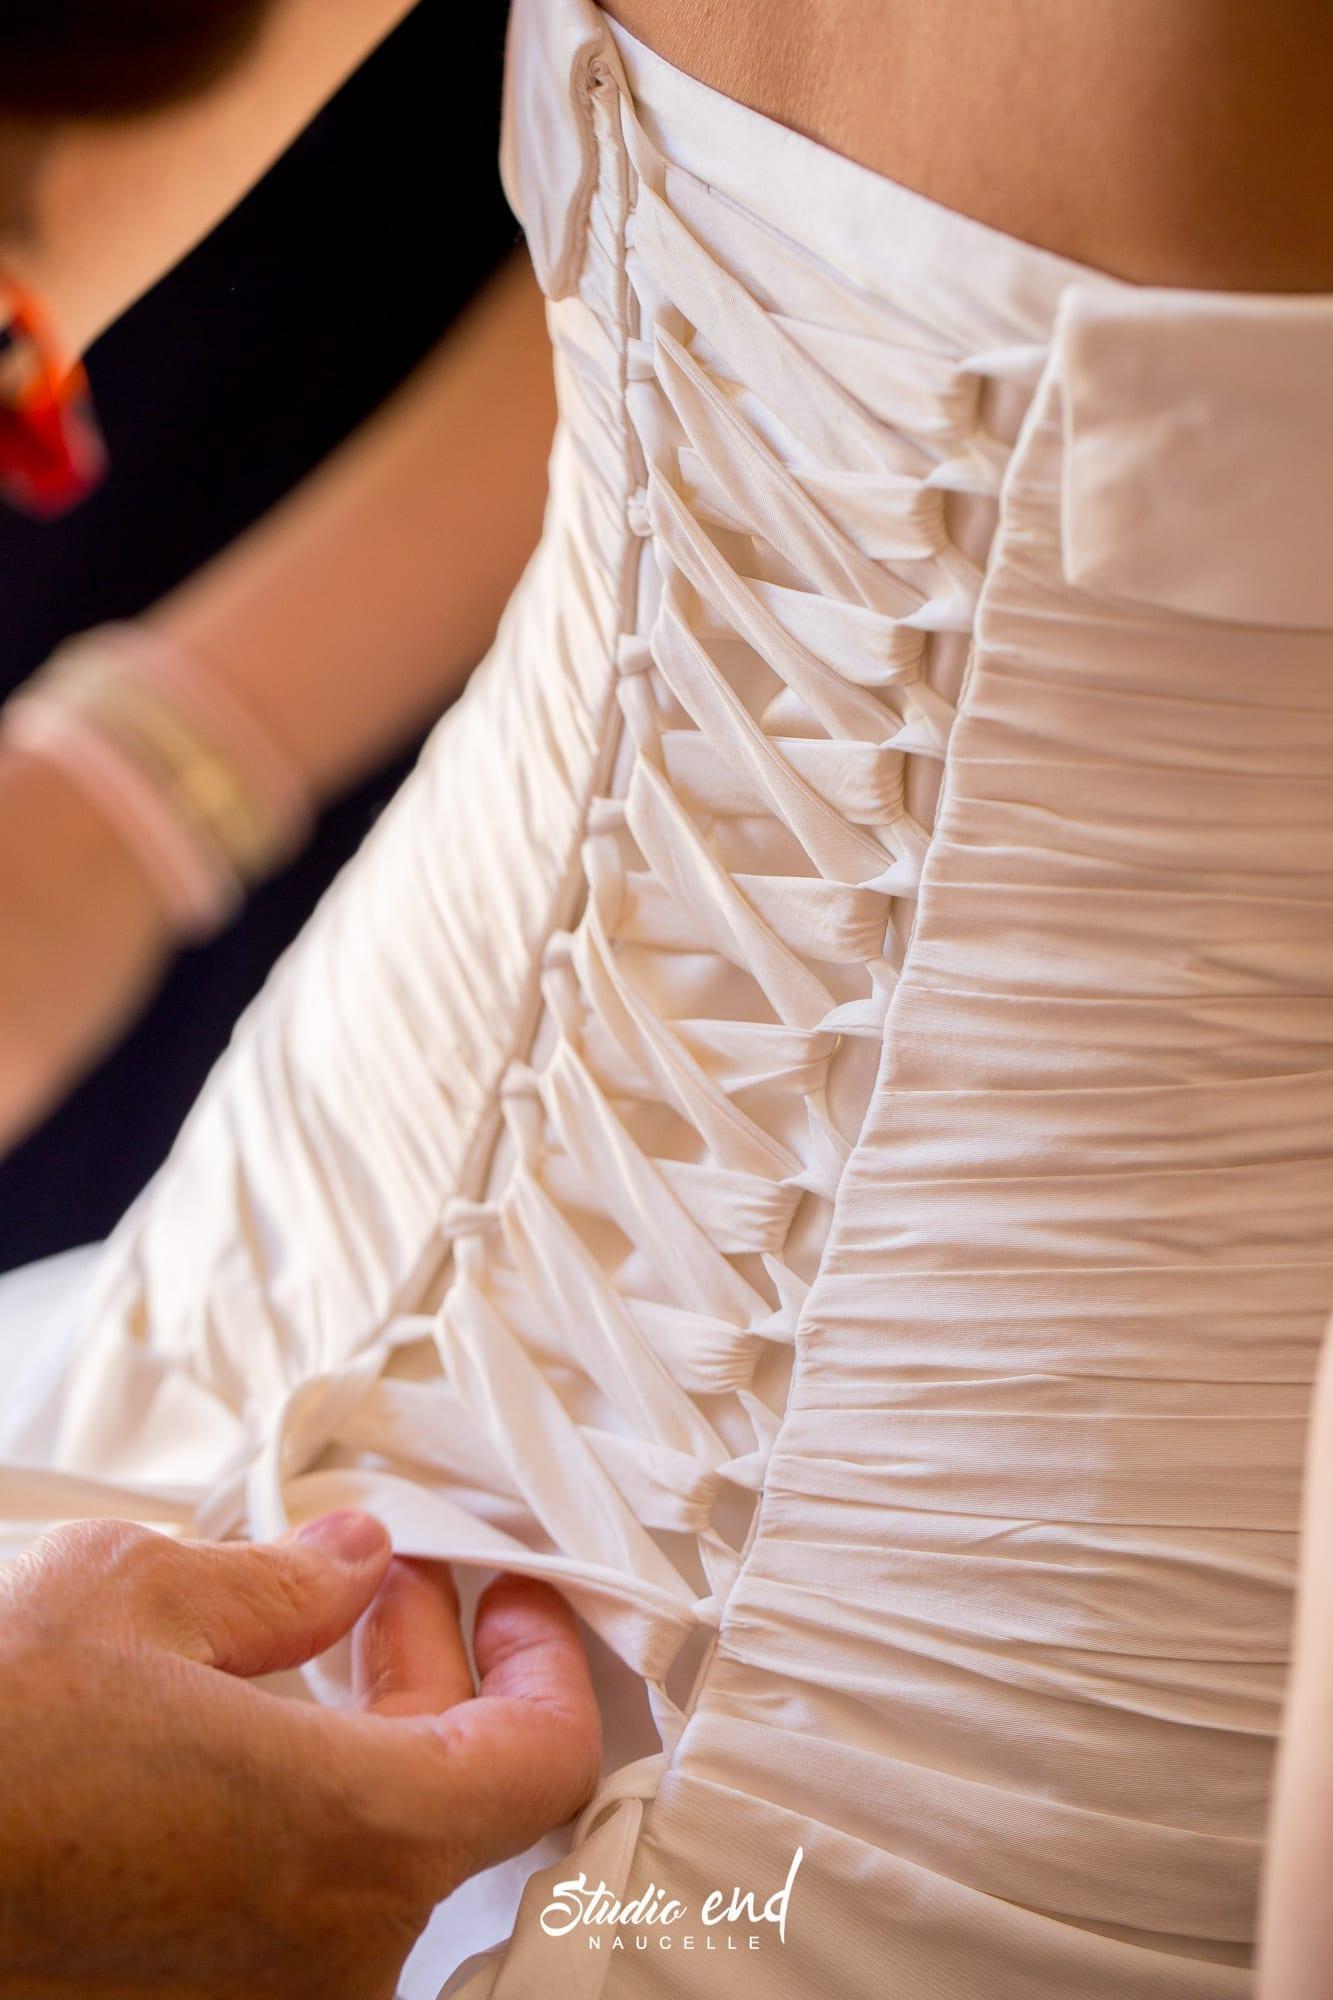 Photographie de mariage les préparatifs de madame Studio END Naucelle